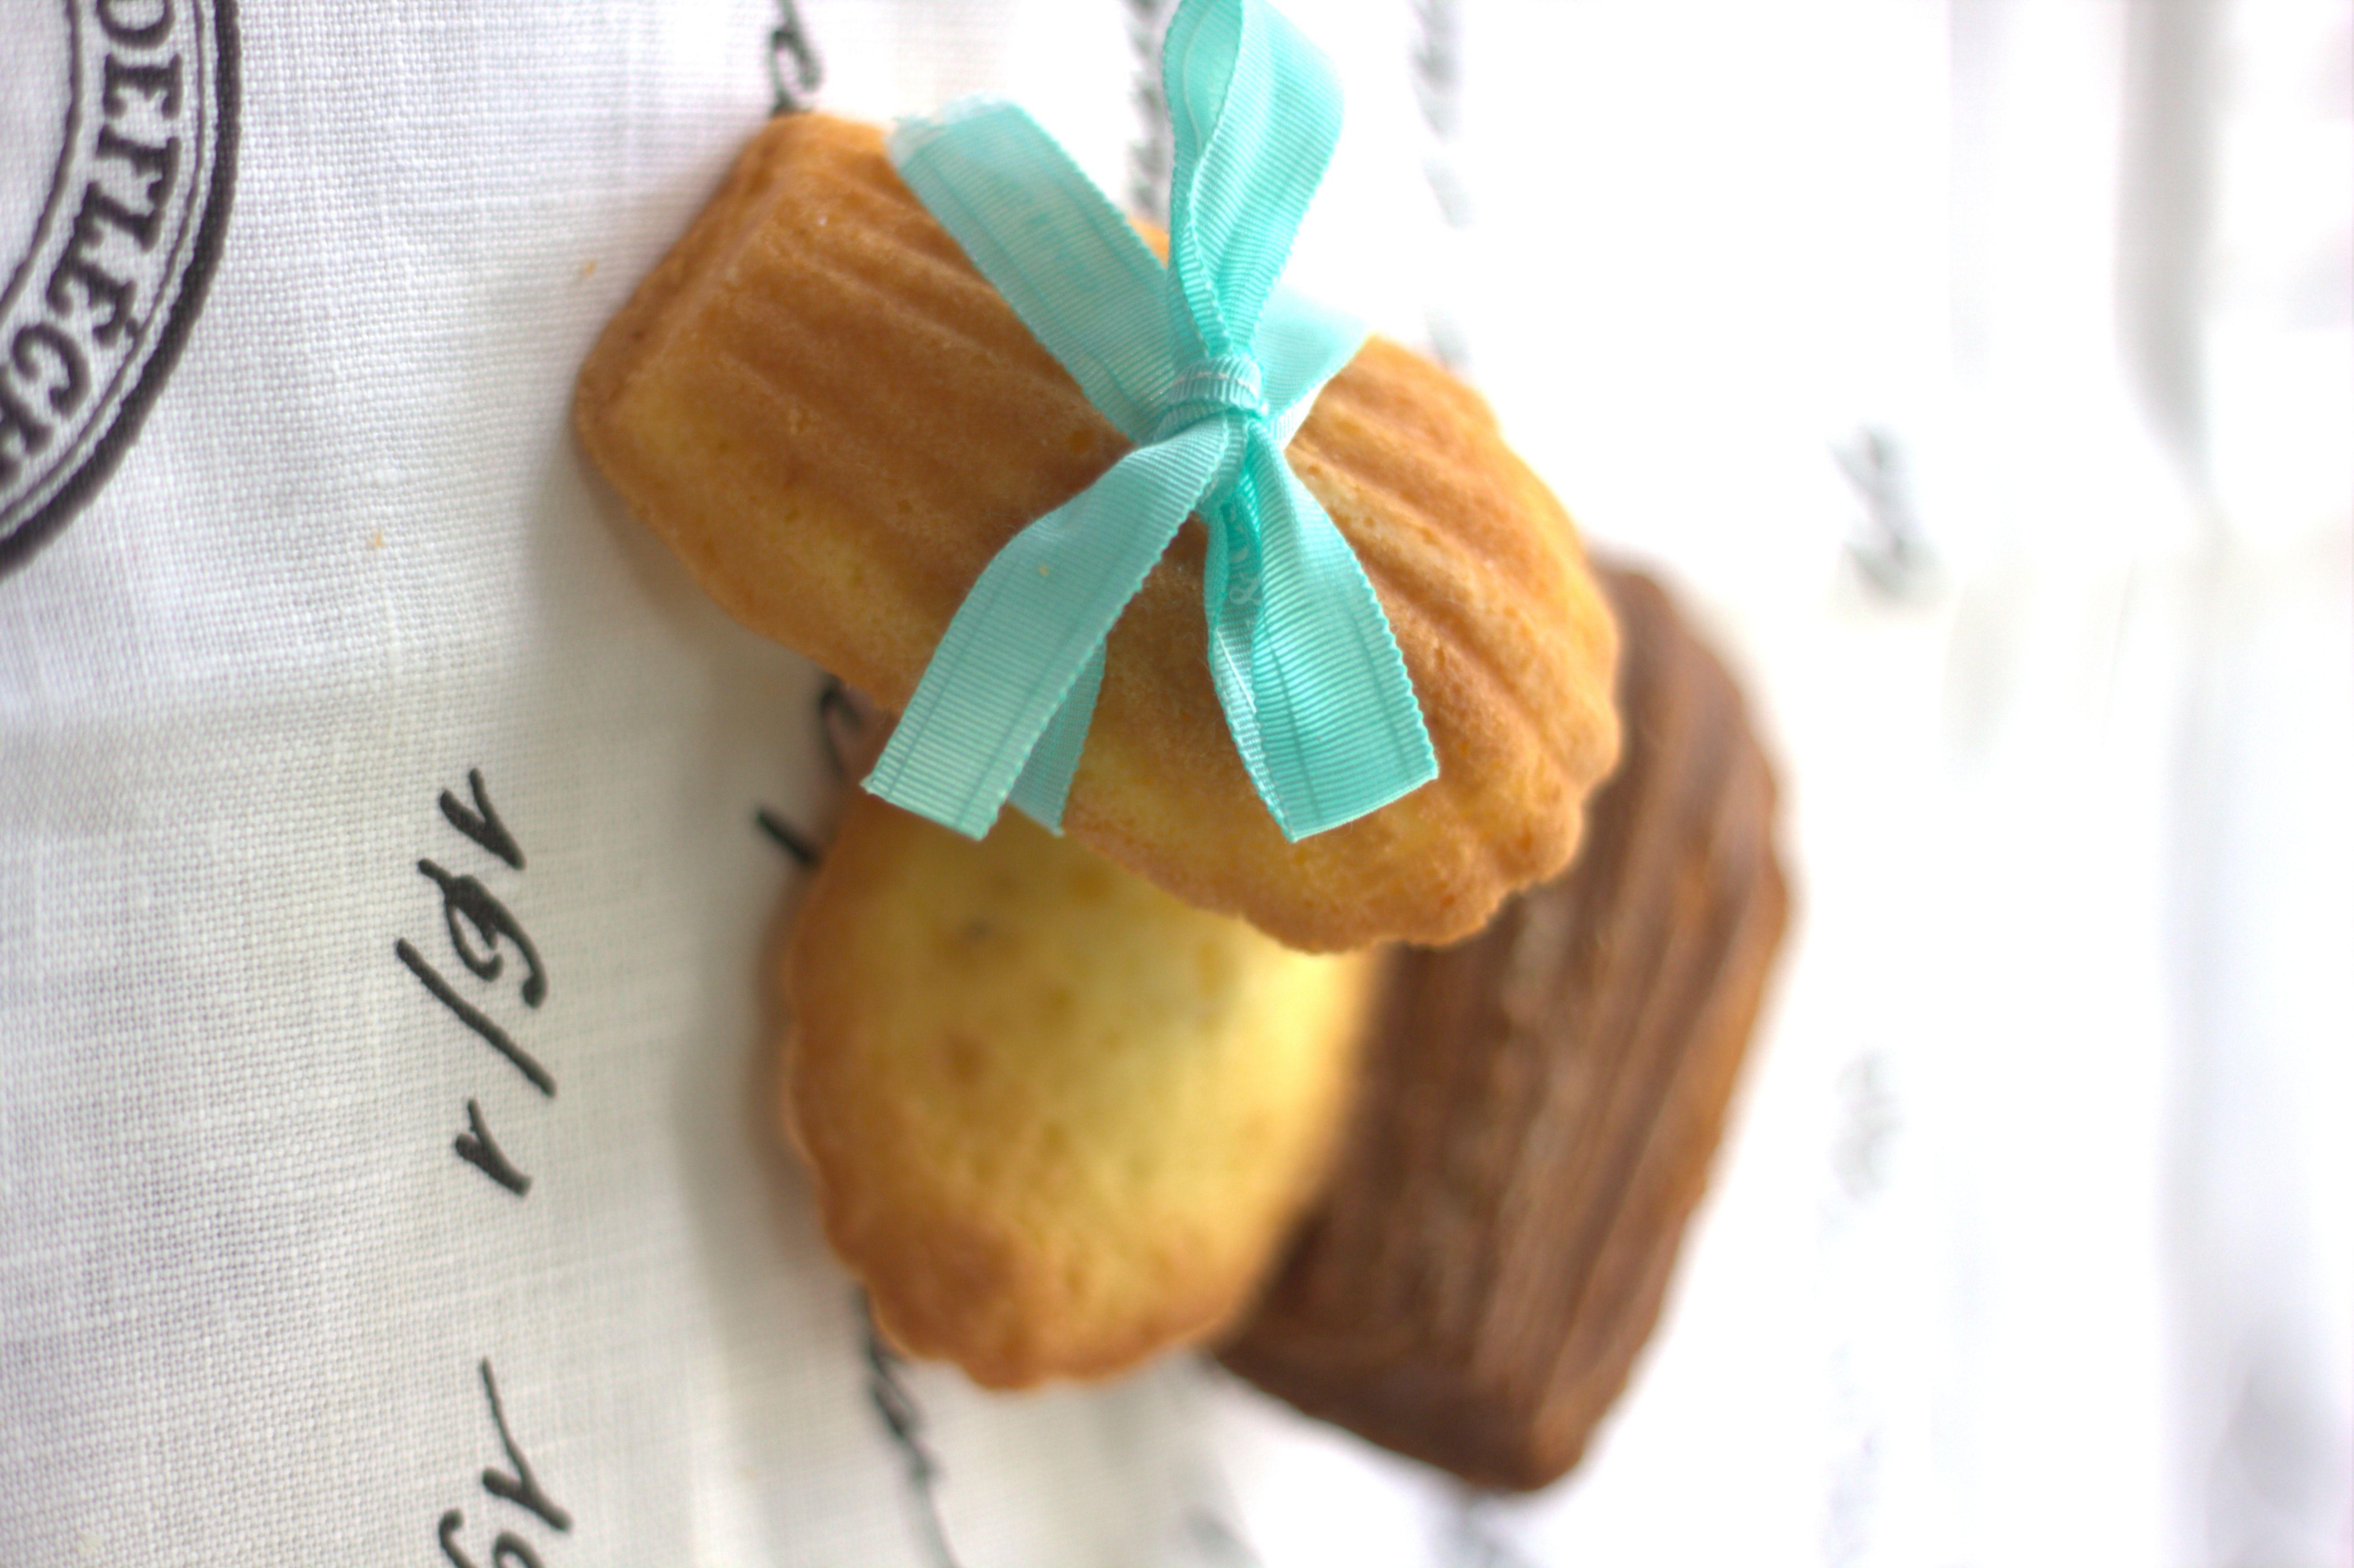 Madelein 瑪德蓮蛋糕